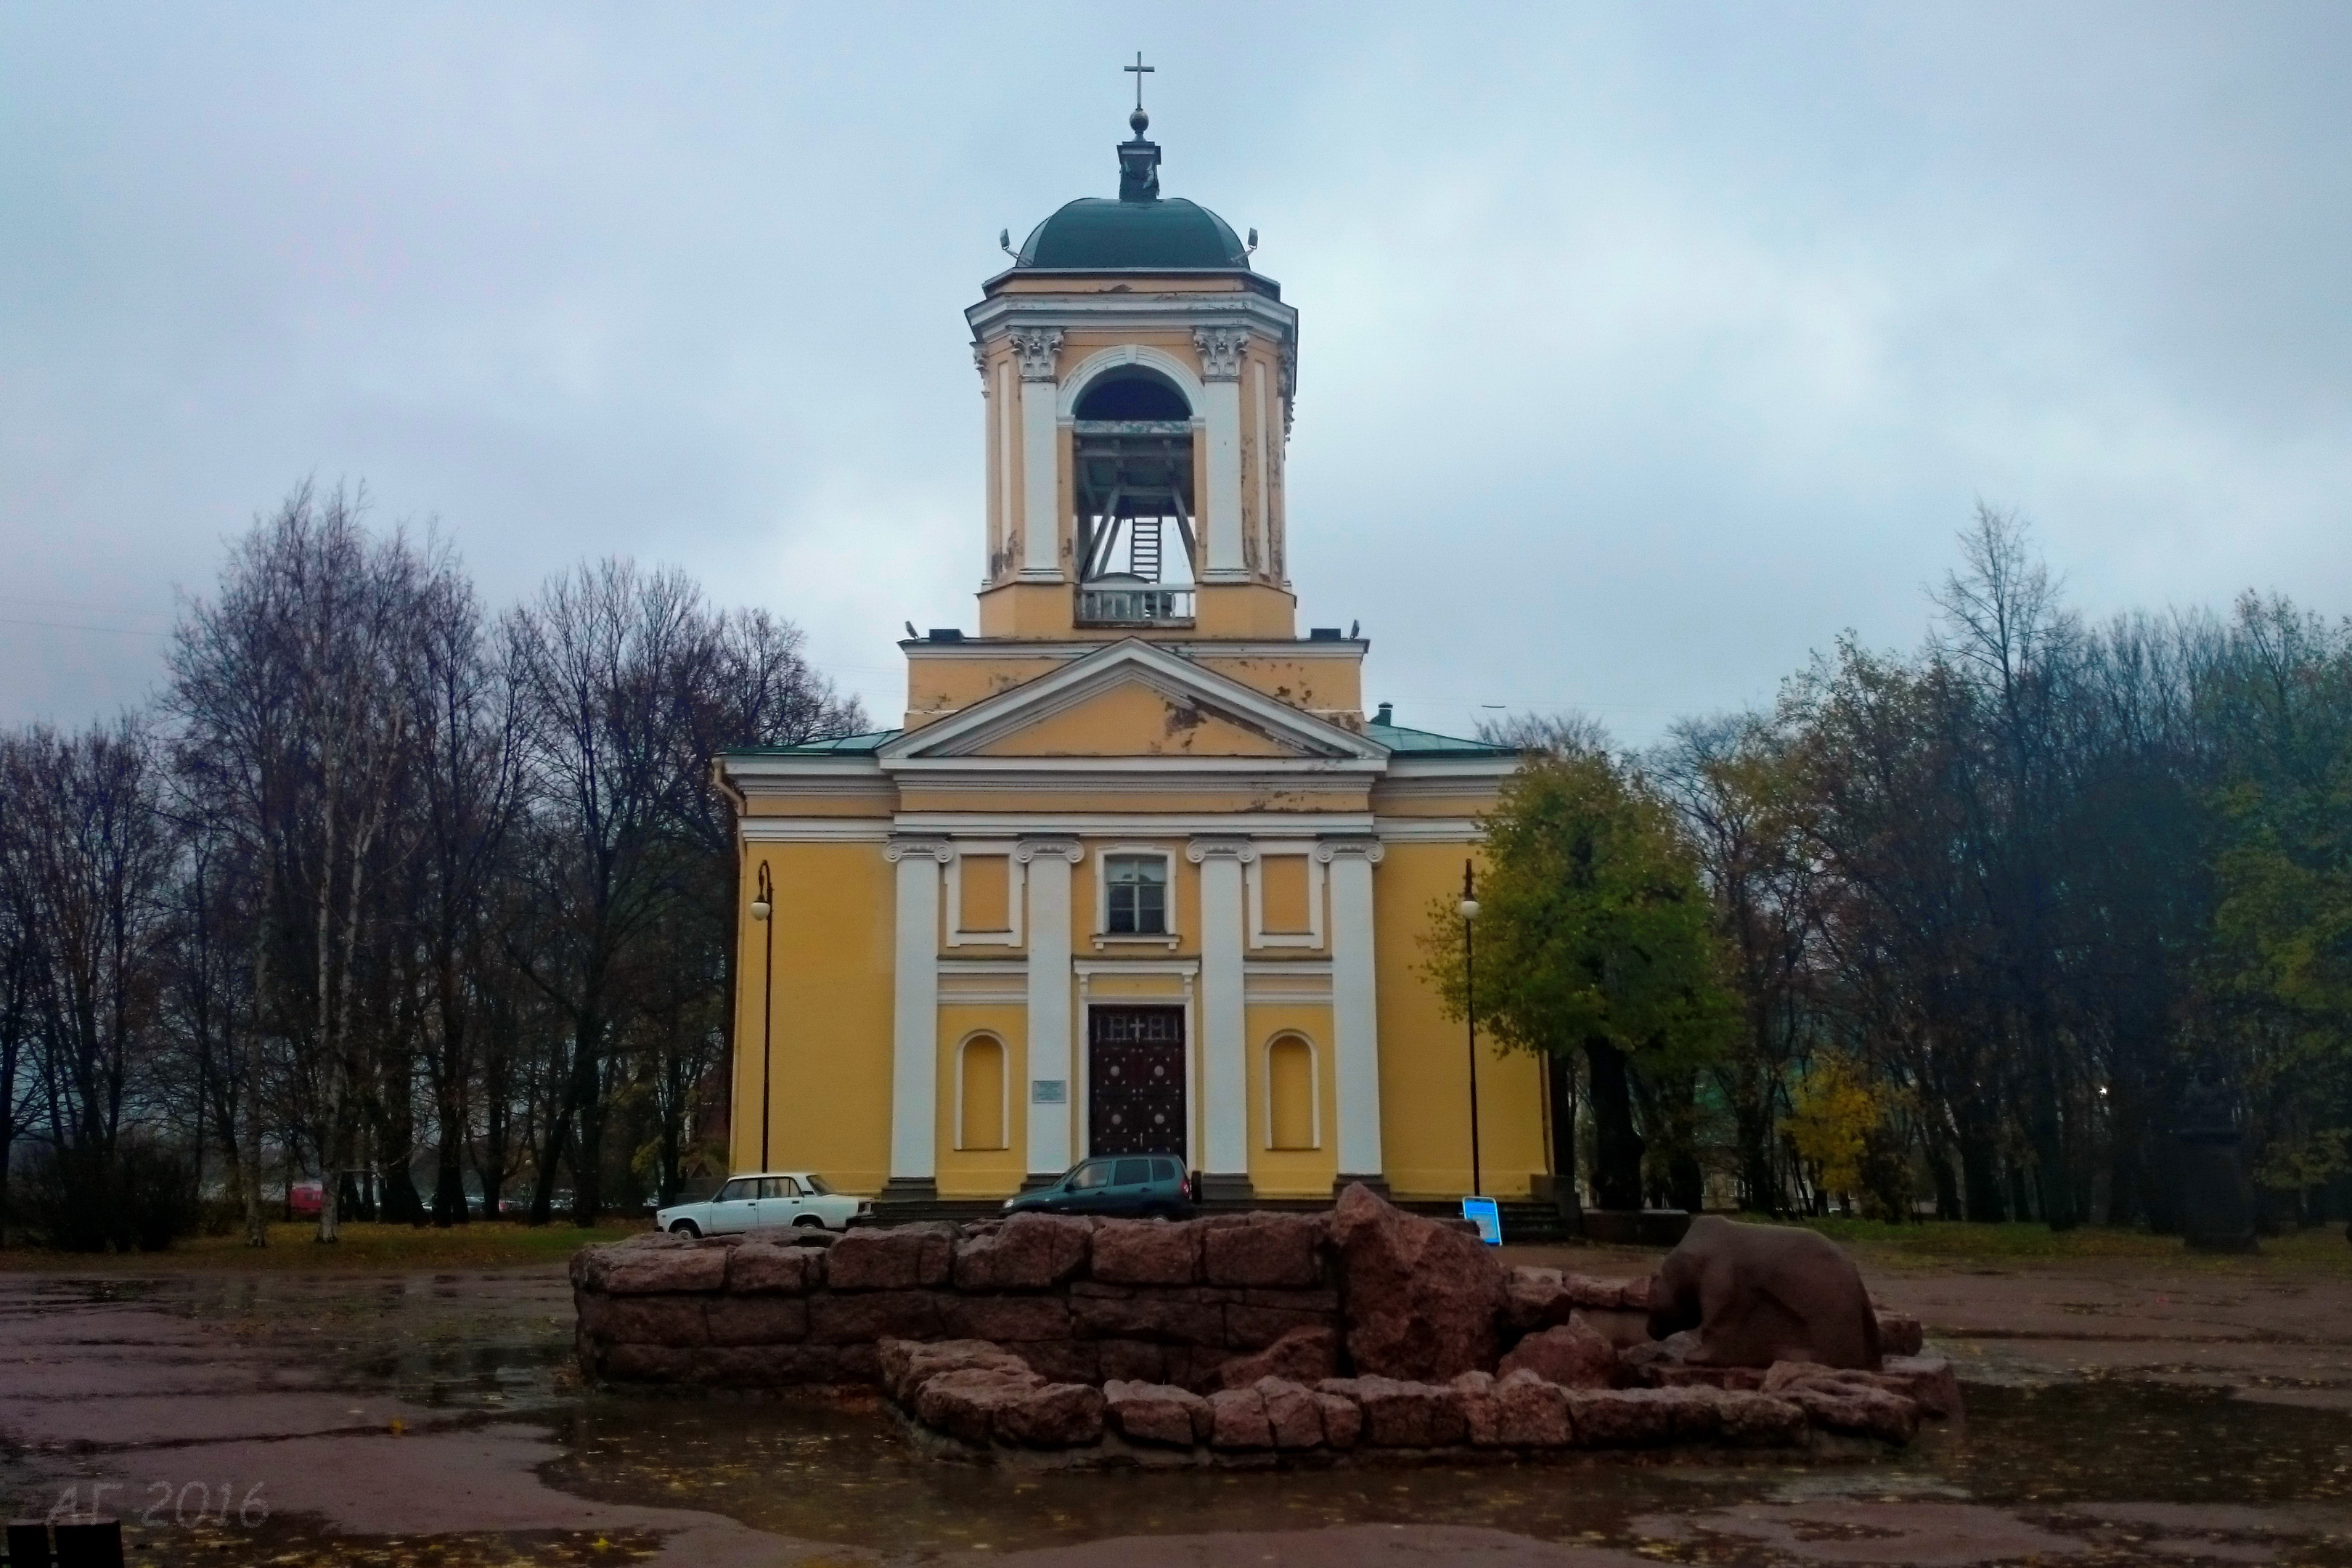 Лютеранский Собор Святых Петра и Павла, Выборг, 28.10.2016